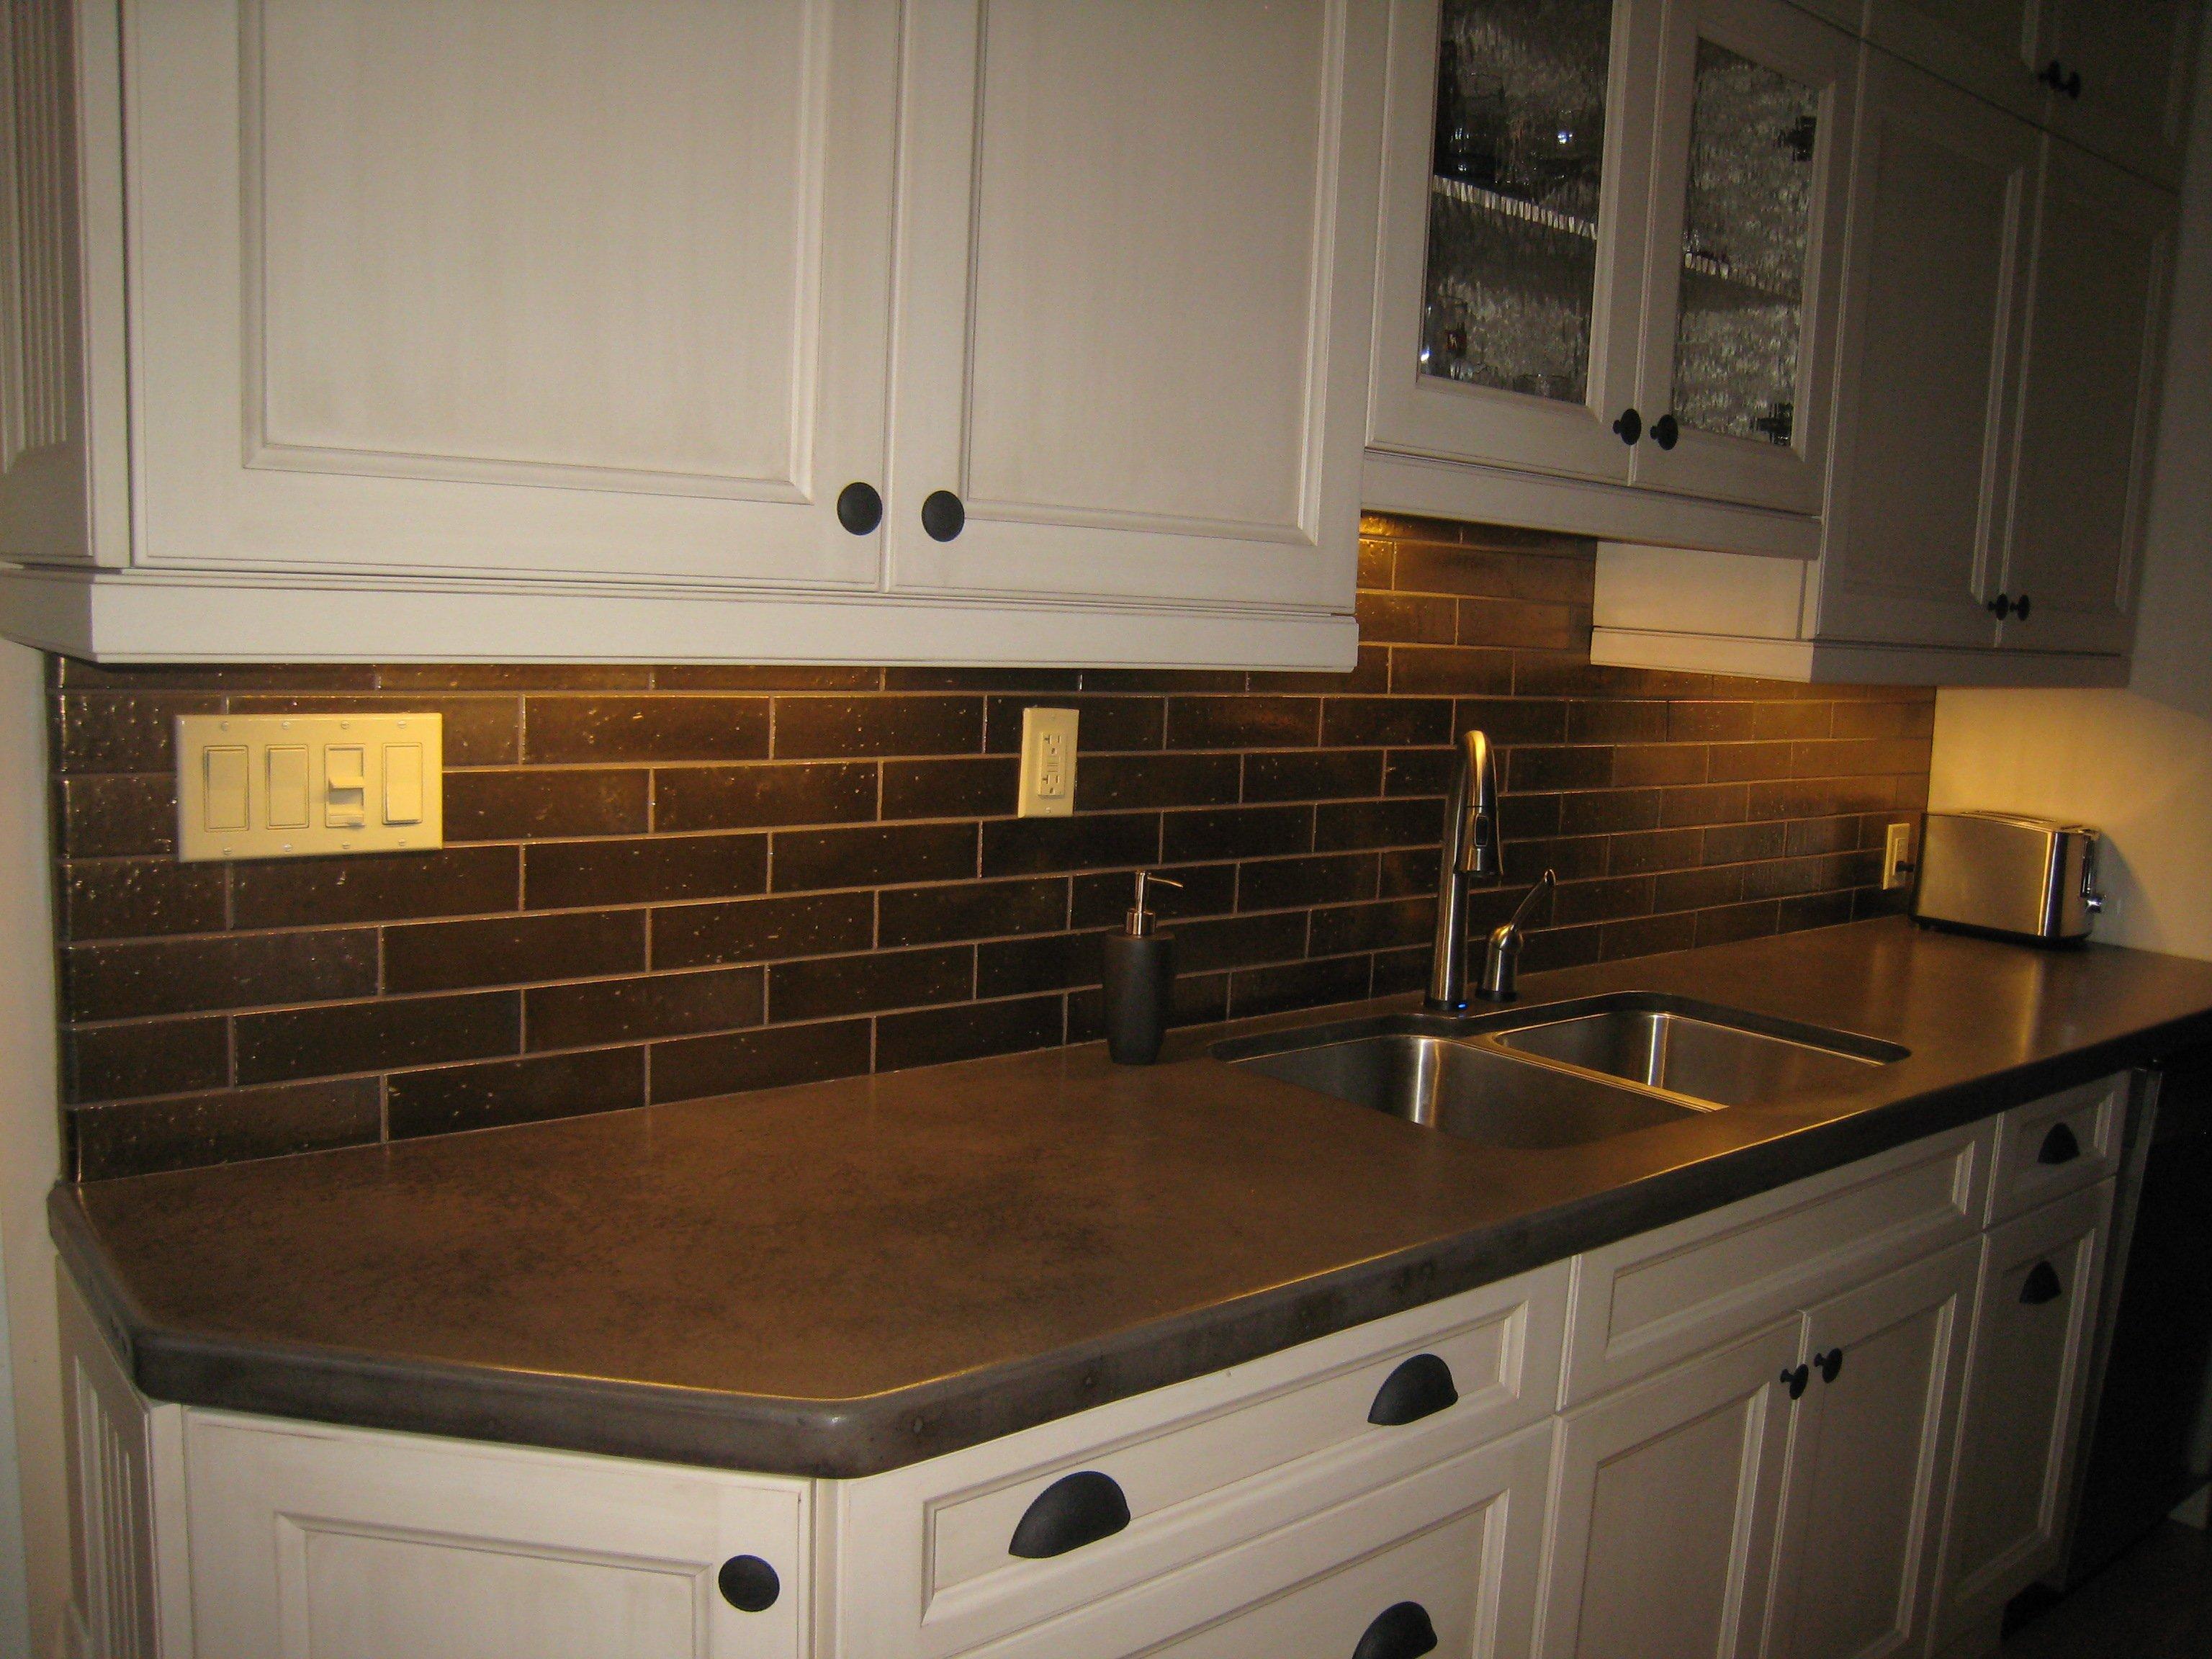 Brown kitchen backsplash.